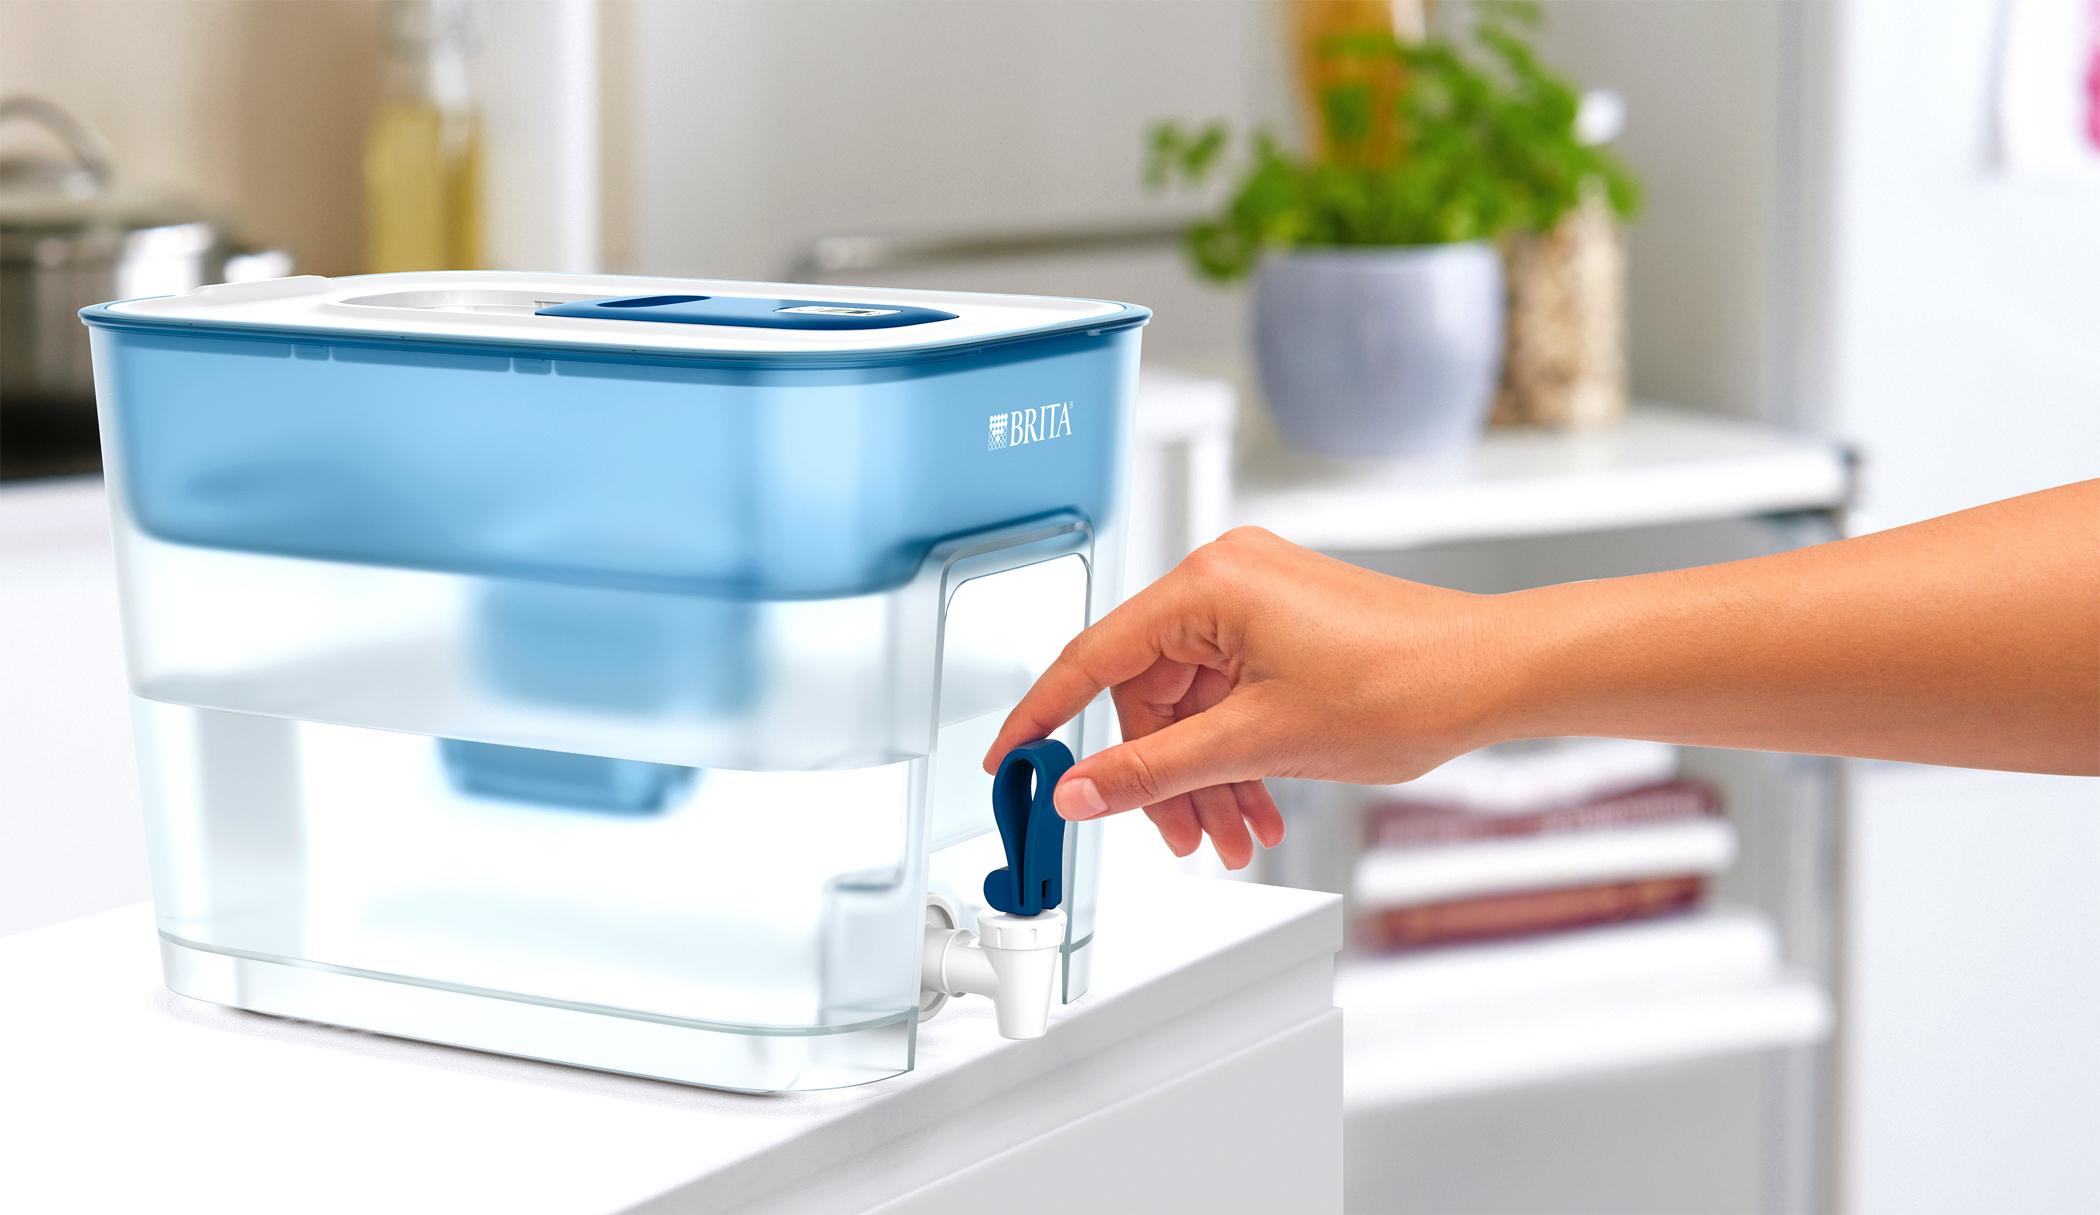 <h1>Brita Wasserfilter fill&enjoy Flow</h1><h3 style='font-size: 20px; margin: 0px 0px 15px 0px;'> -8,2 Liter Fassungsvermögen, MicroFlow Technology</h3>